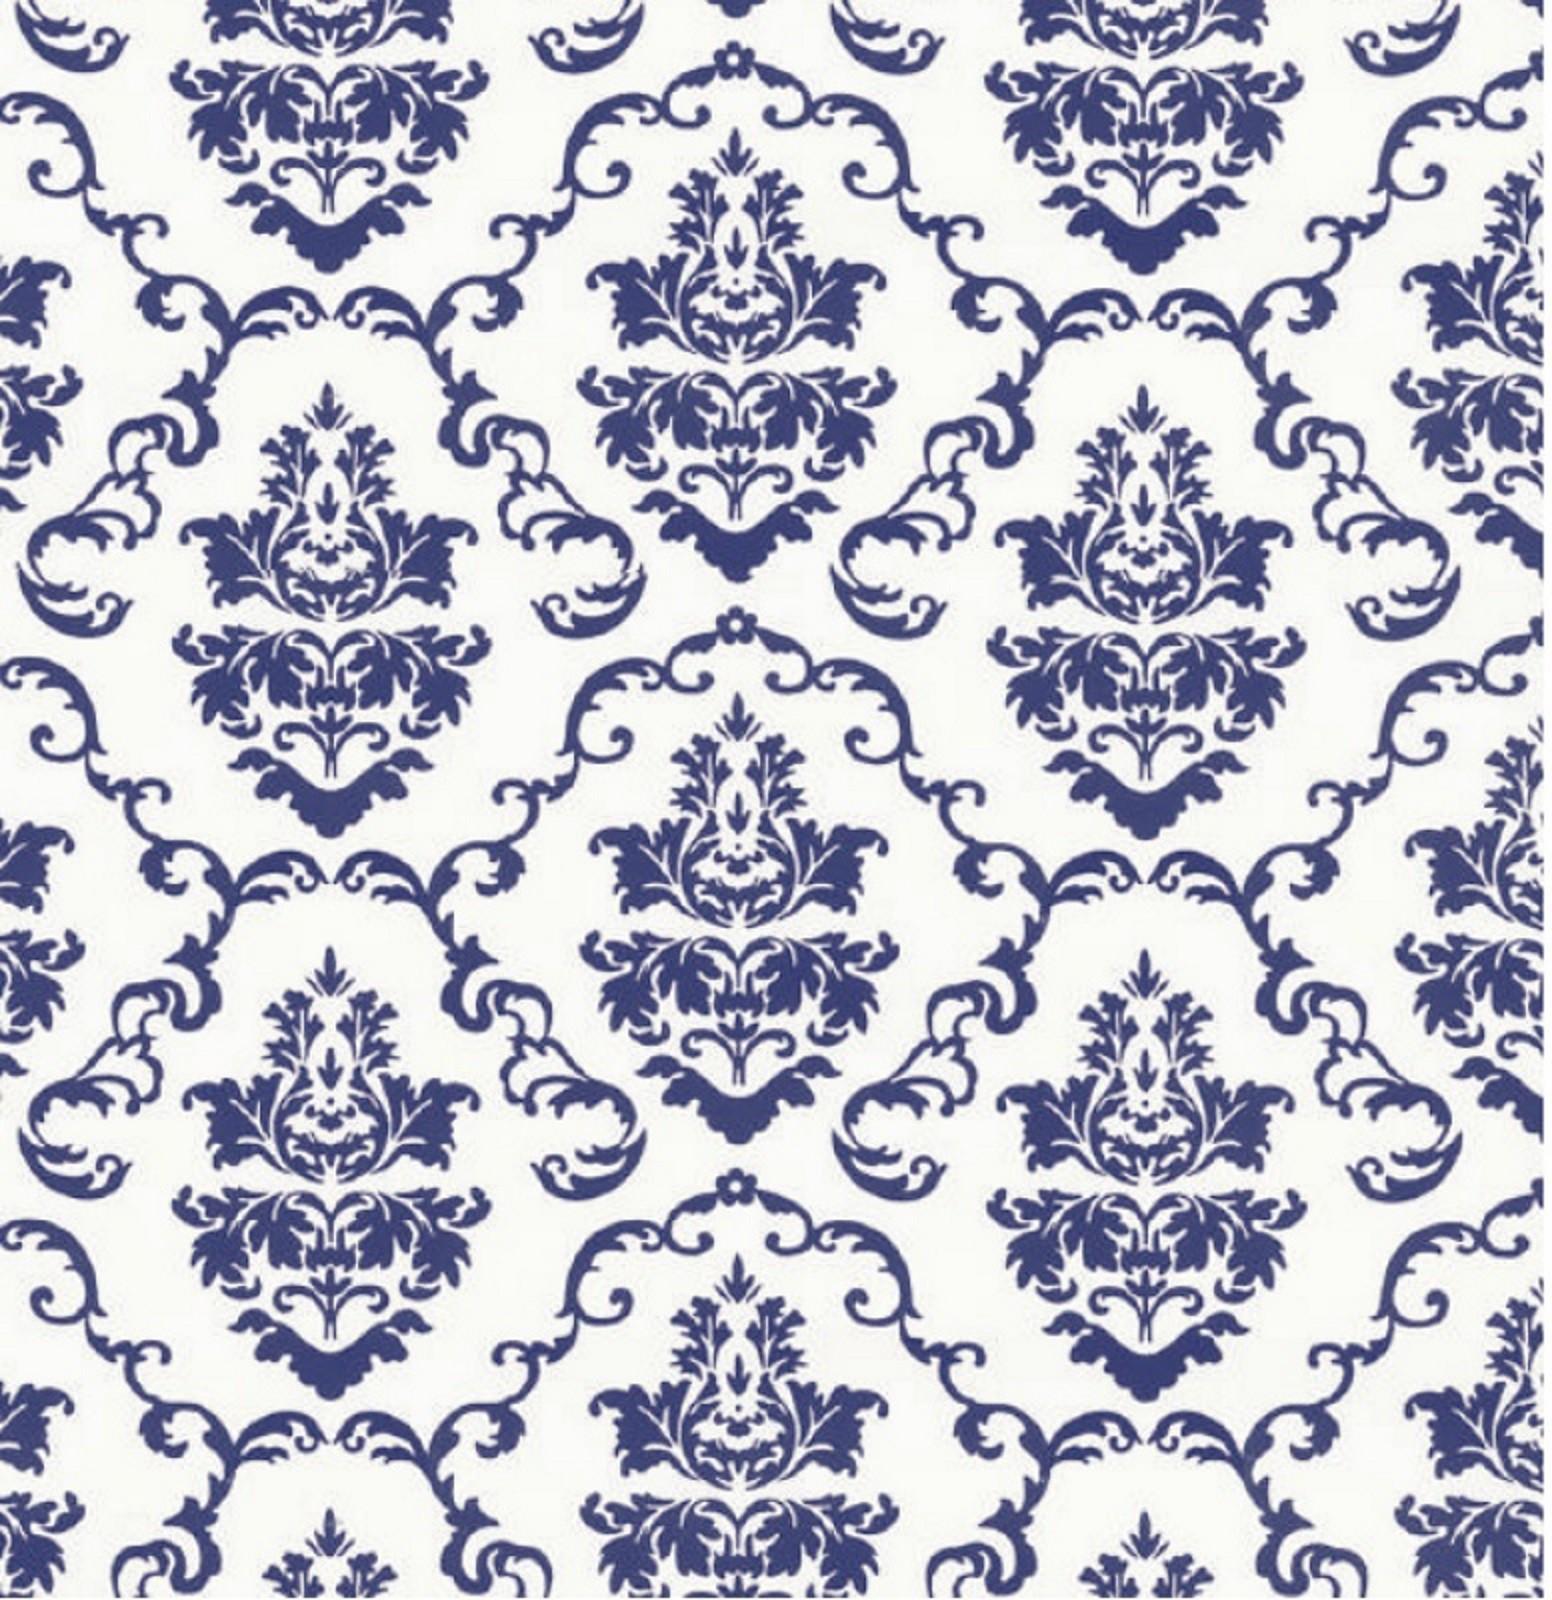 klebefolie ornament aida blue selbstklebende folie vintage dekorfolie klebefolie mit muster. Black Bedroom Furniture Sets. Home Design Ideas